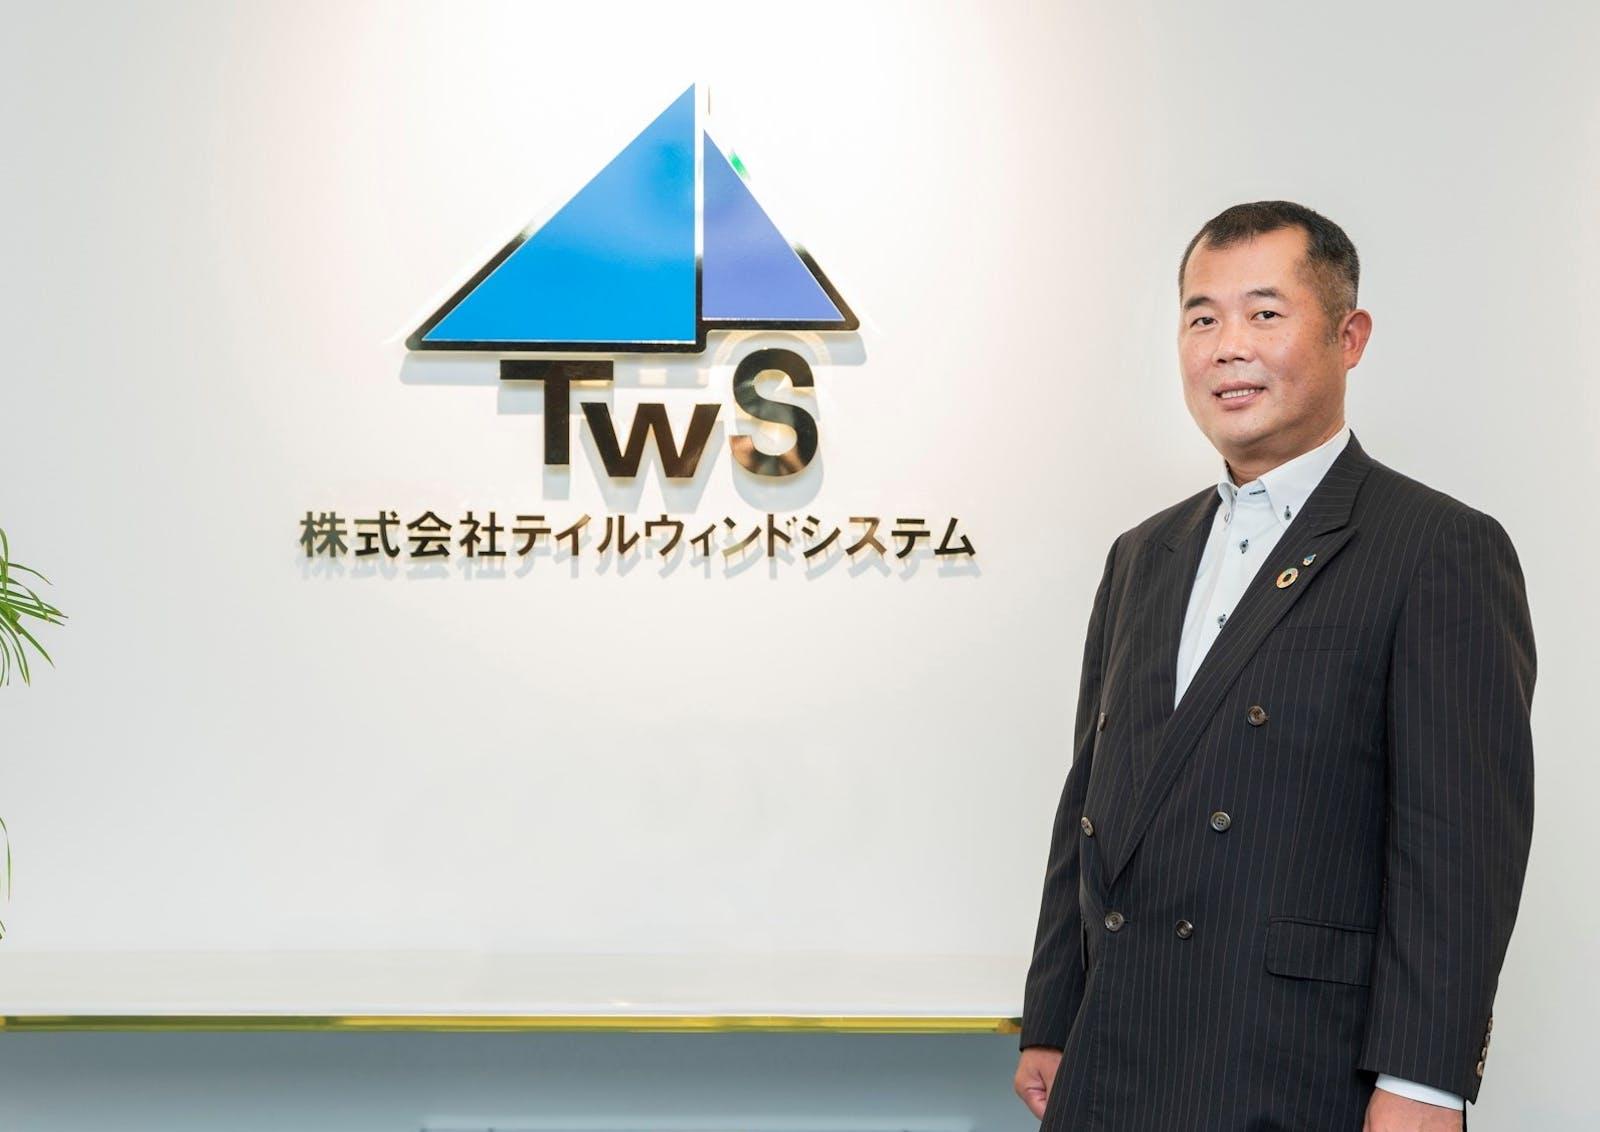 株式会社テイルウィンドシステムのアイキャッチ画像